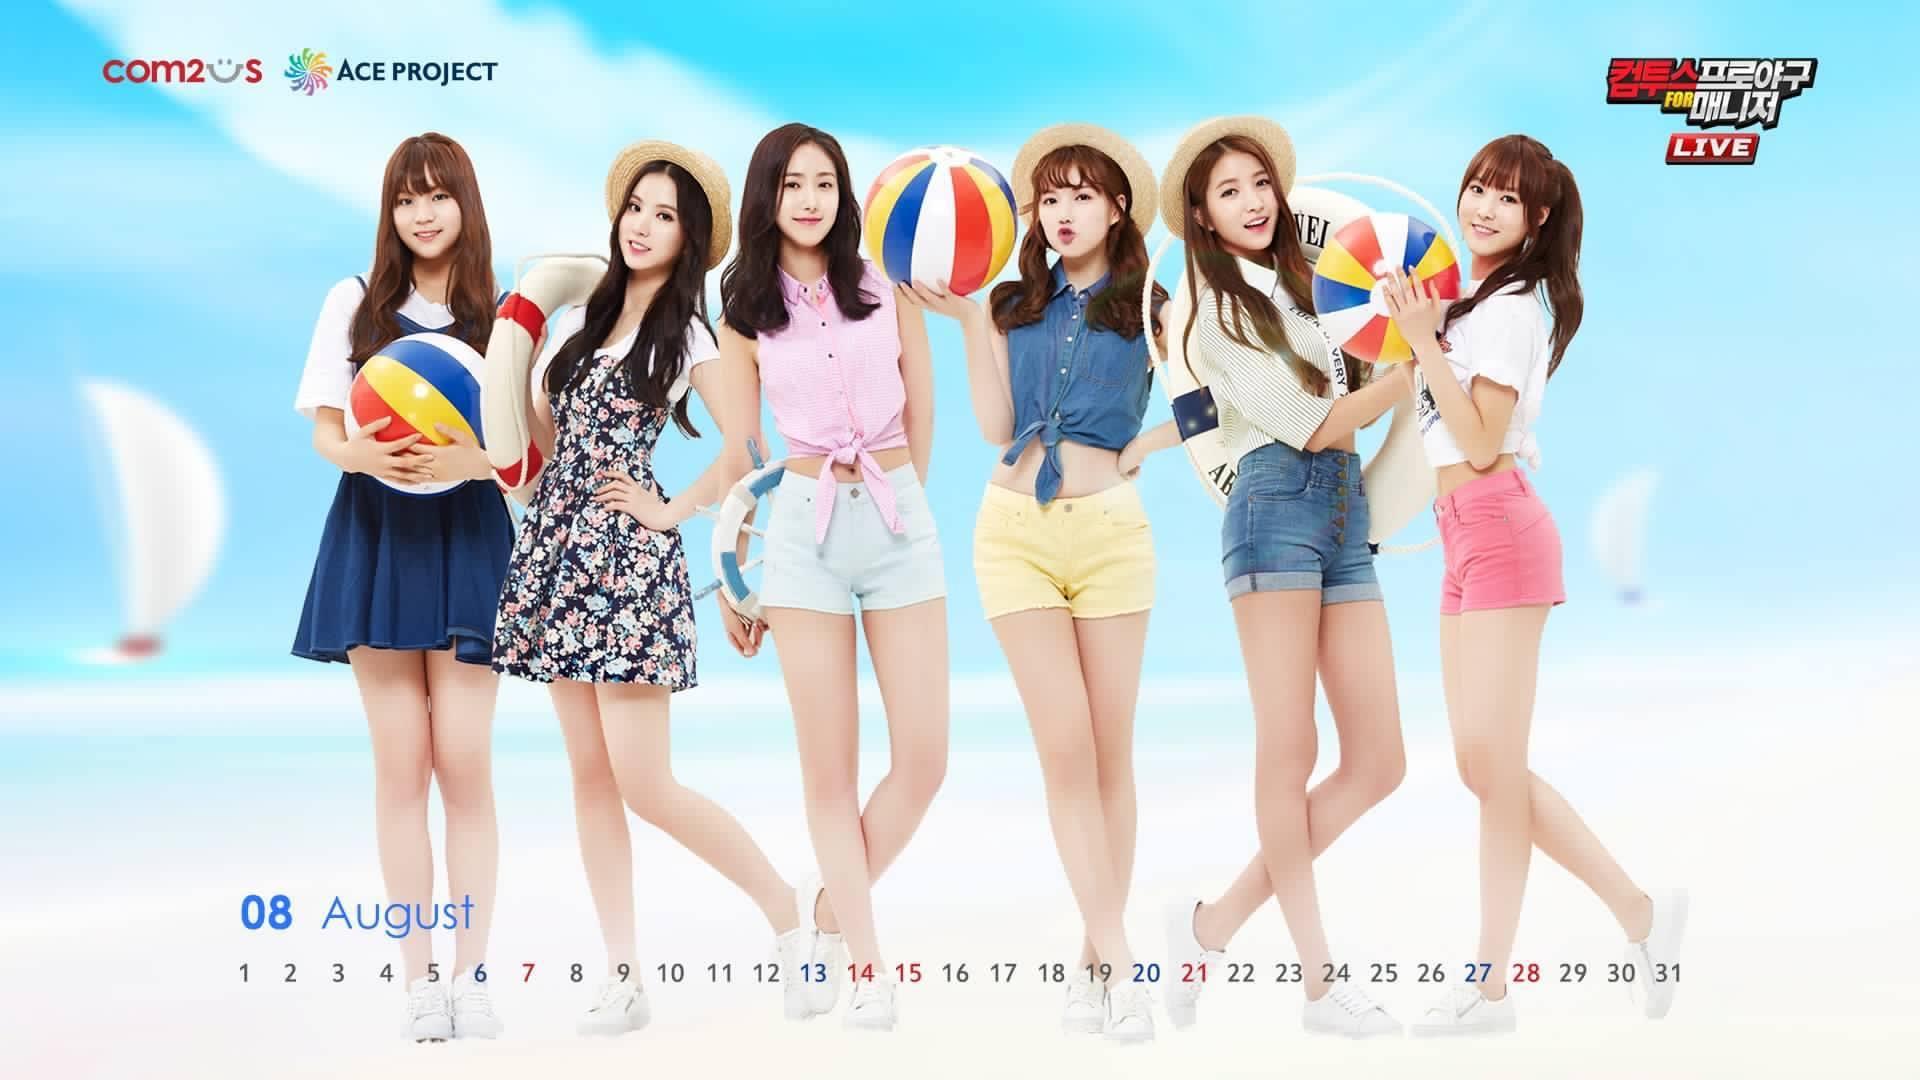 kpop wallpaper hd 2016